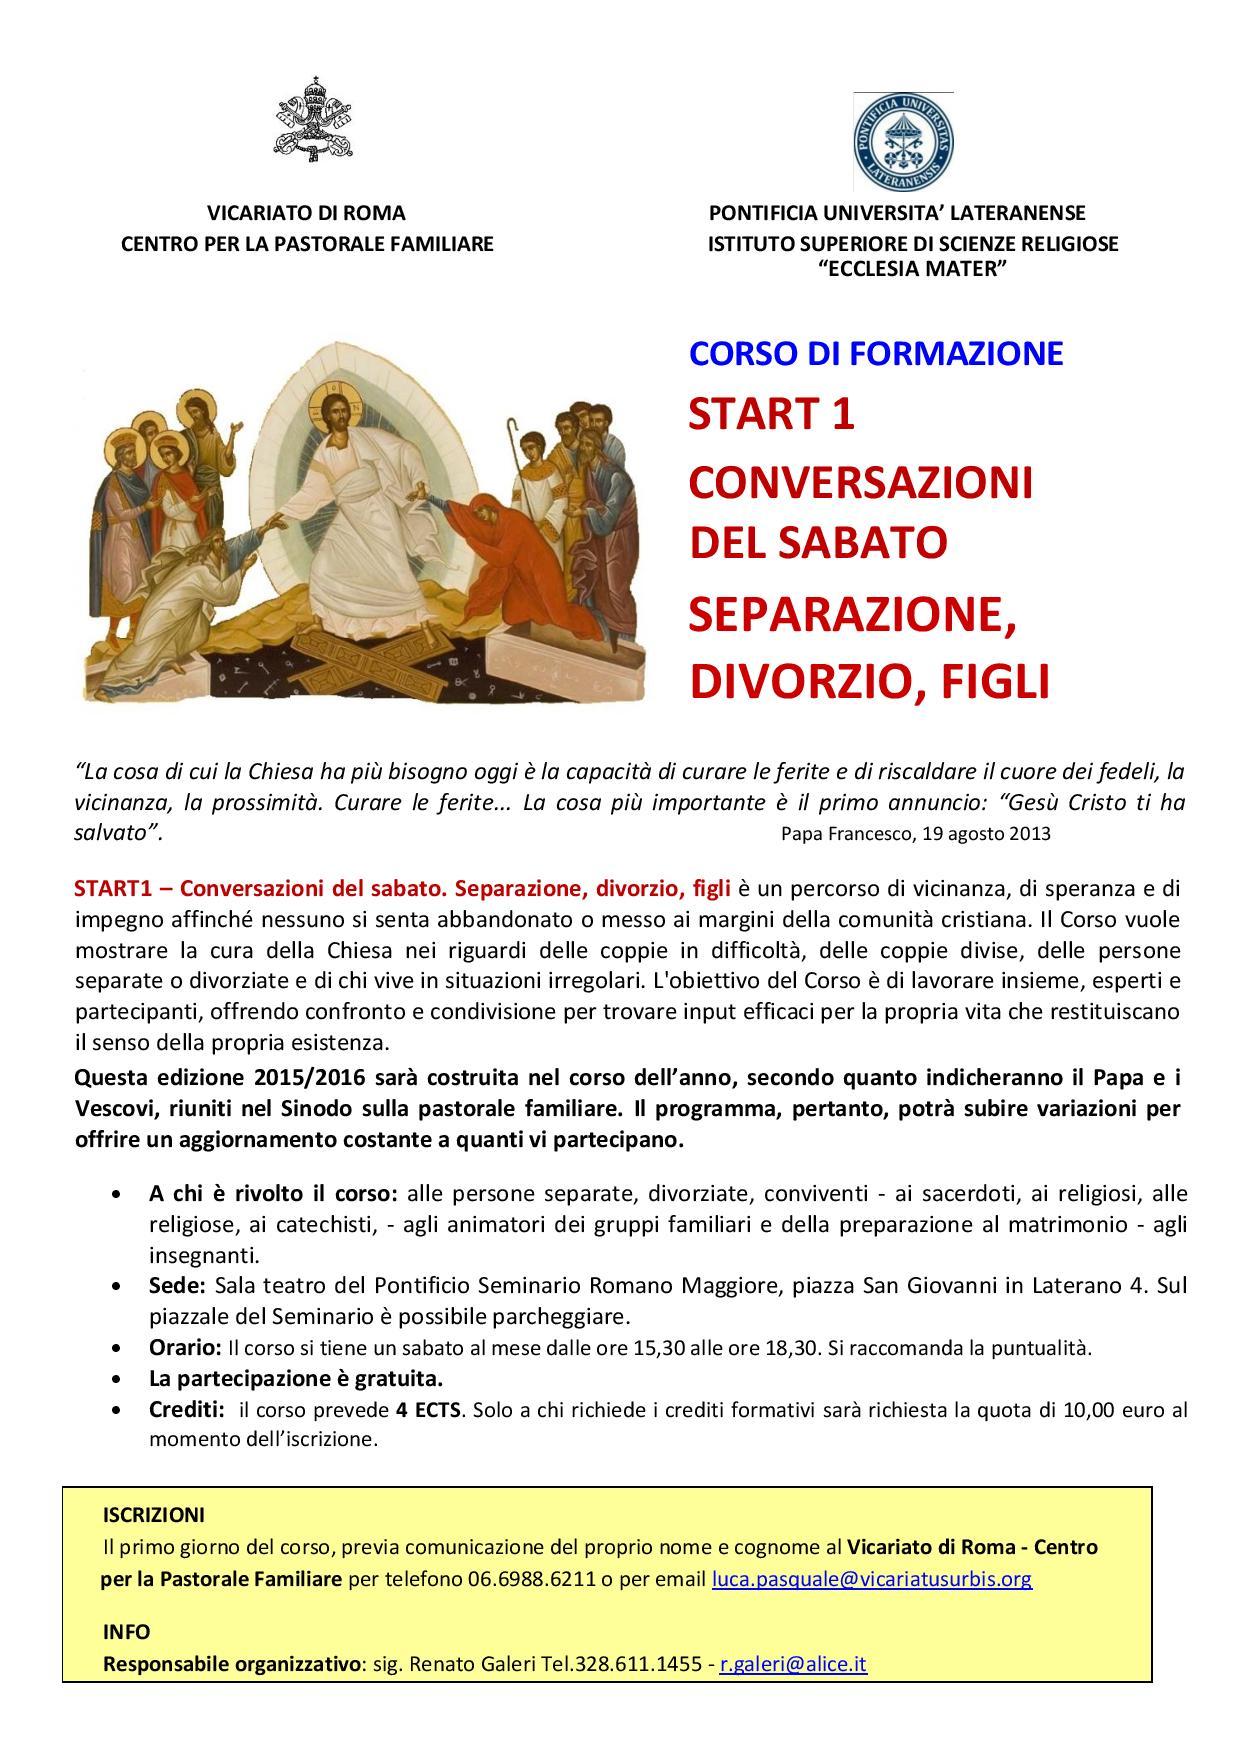 PROGRAMMA START 1 CONVERSAZIONI DEL SABATO 2015 2016-page-001